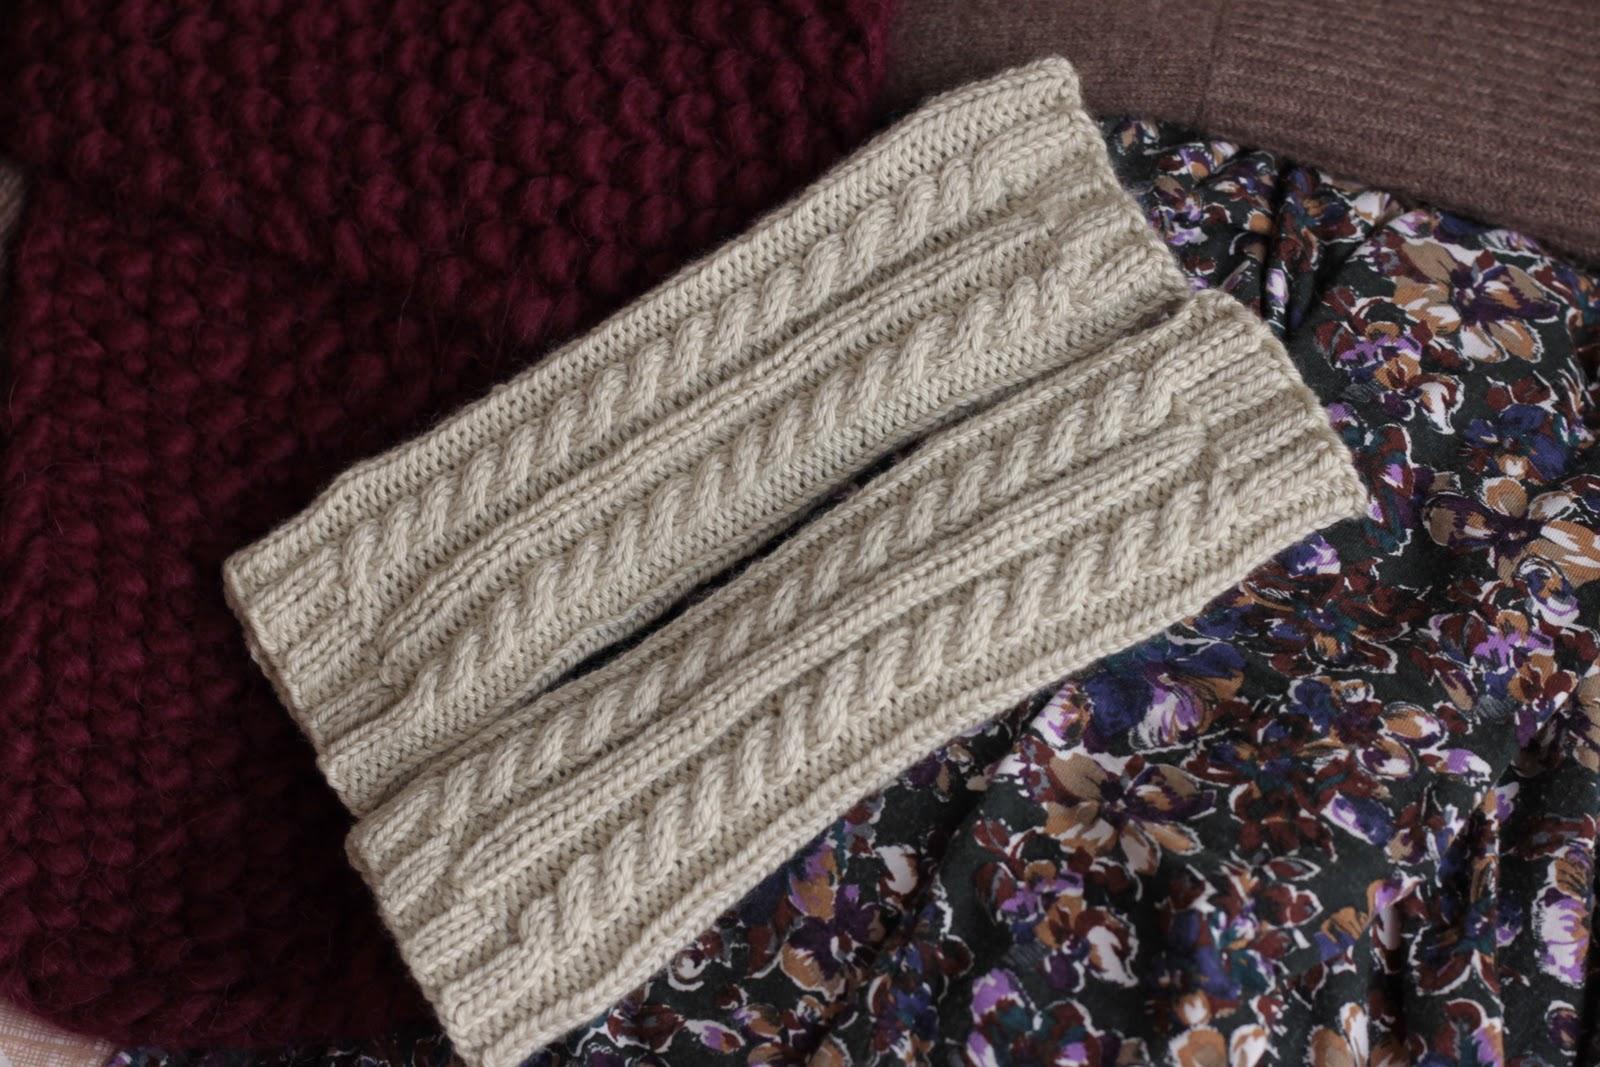 Wrist Warmers Knitting Pattern - FREE PATTERNS